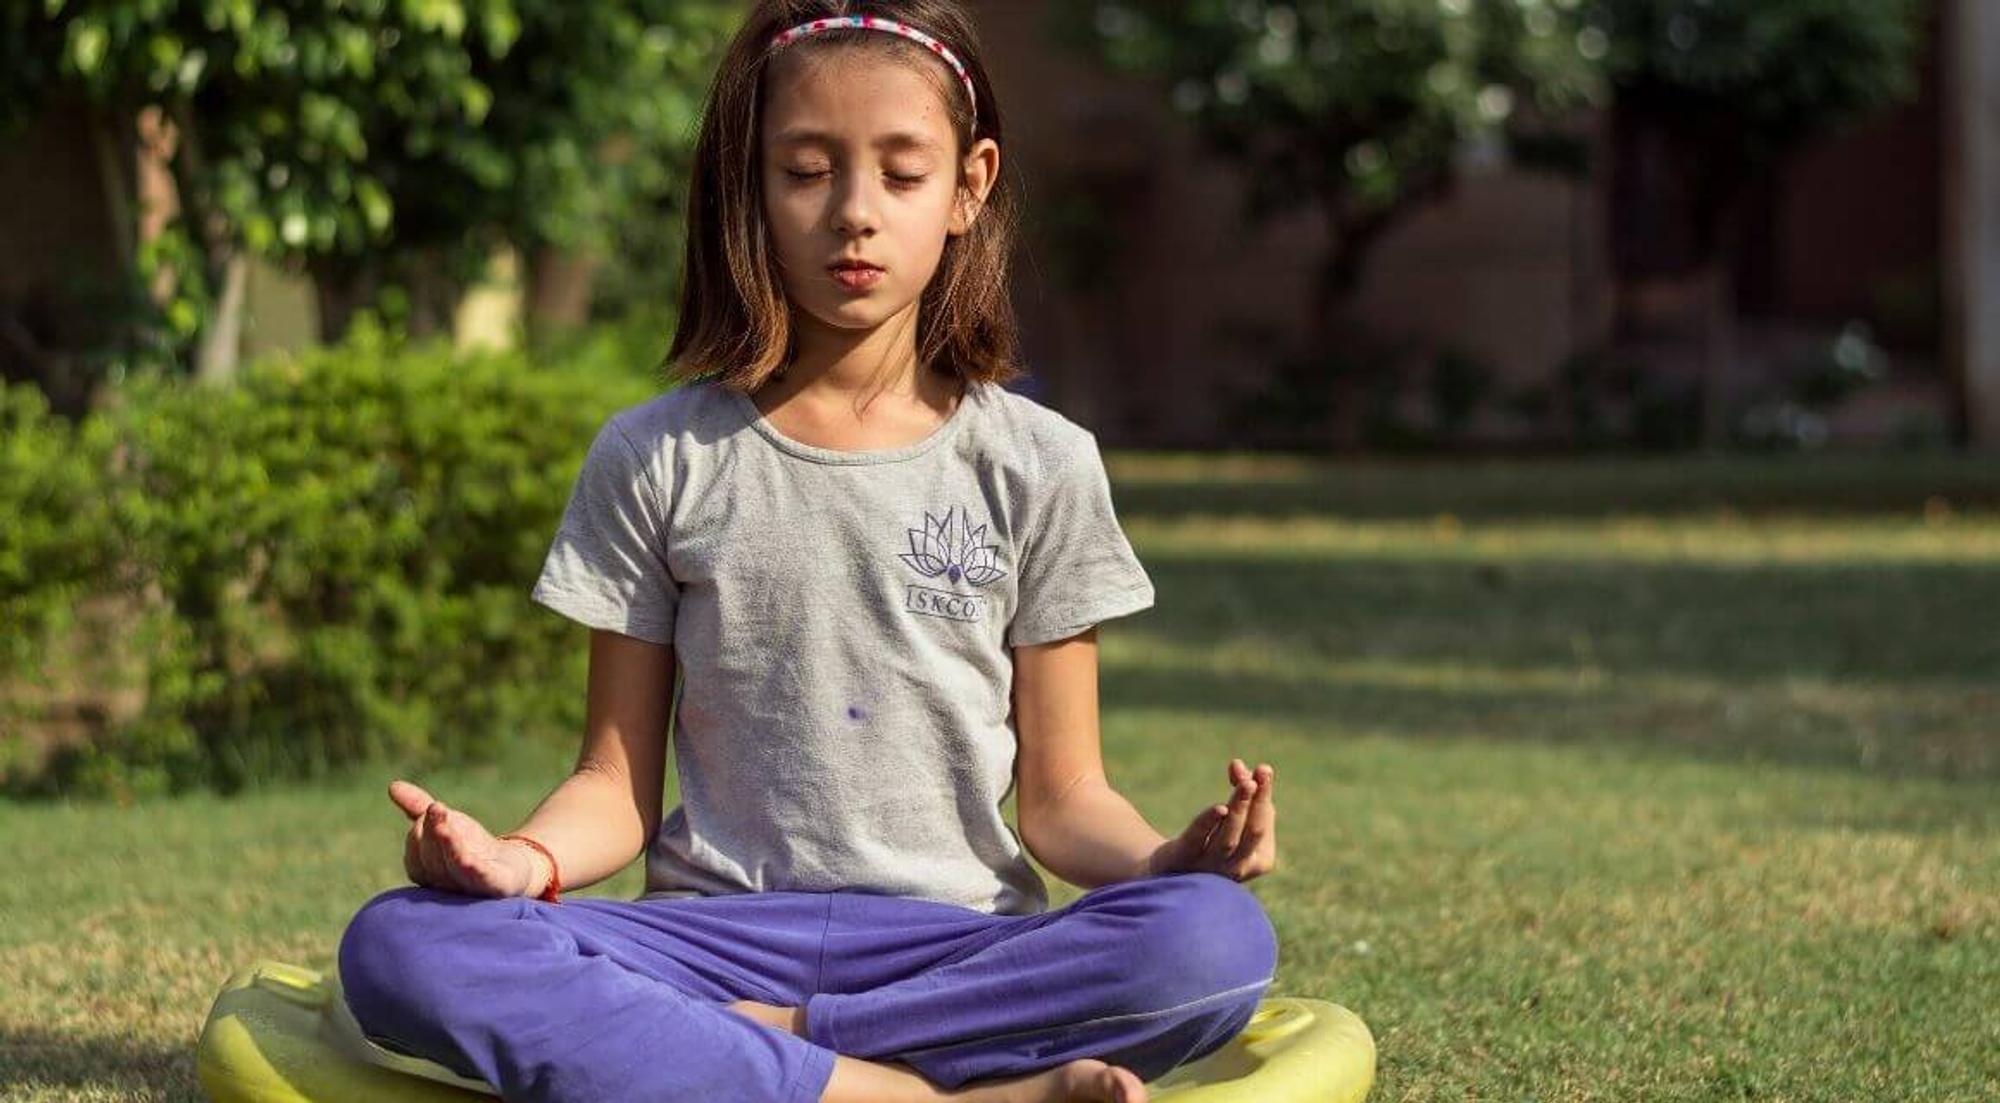 Hund, Katze, Kuh – spielerisches Yoga für Kinder